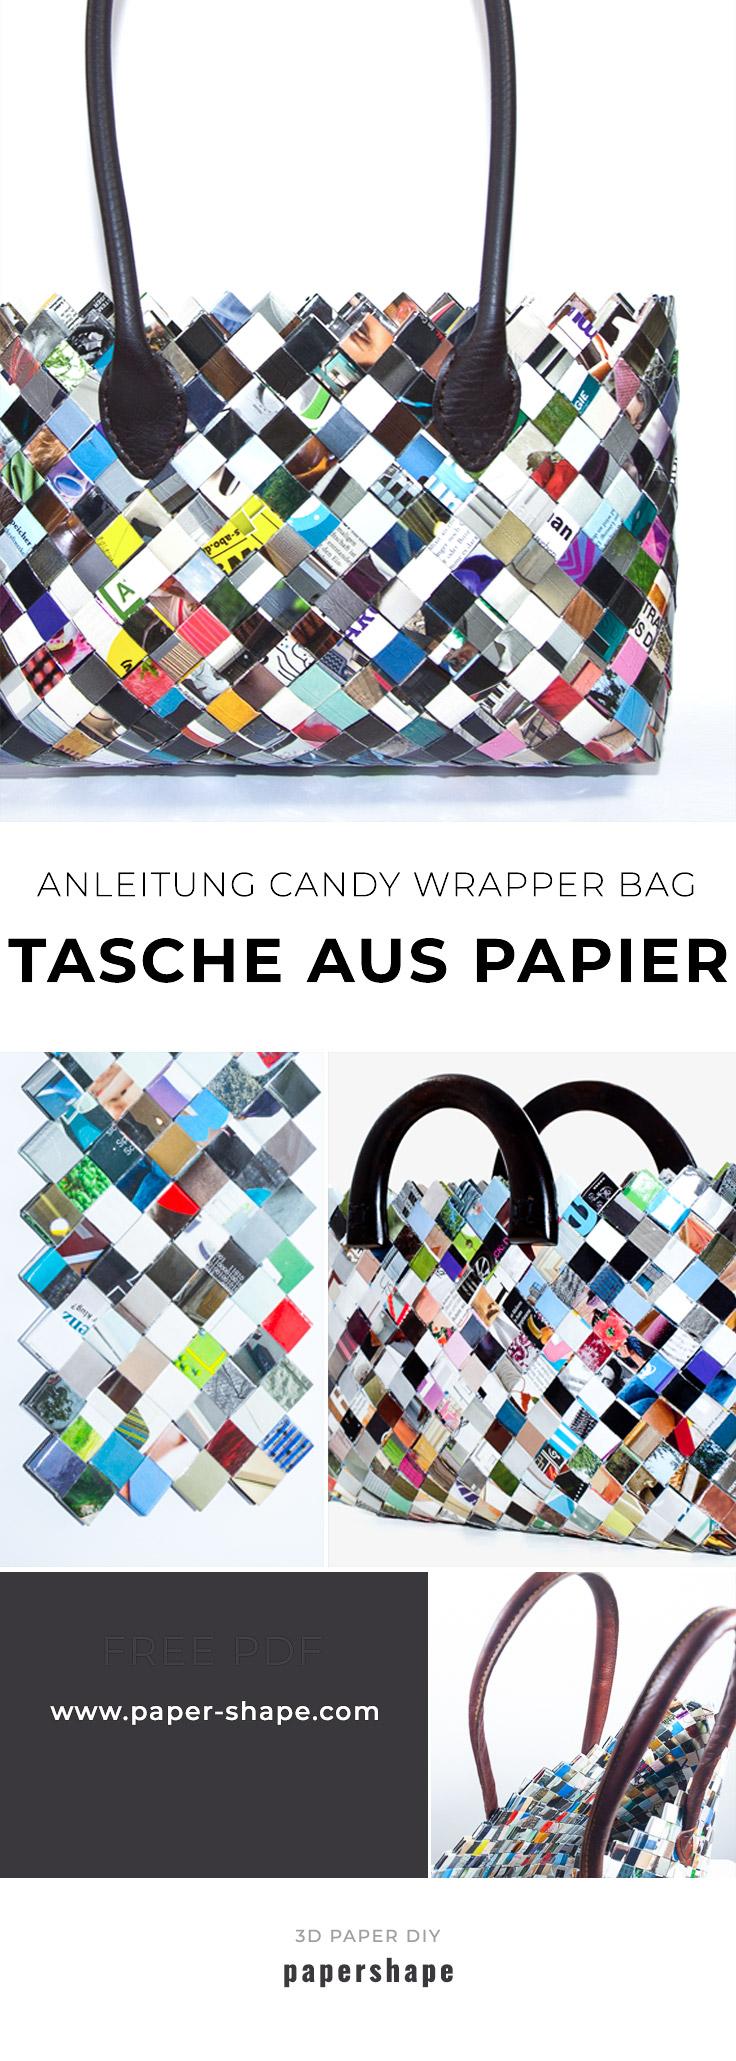 Taschen Selber Machen Aus Zeitschriften Candy Wrapper Bag Papershape